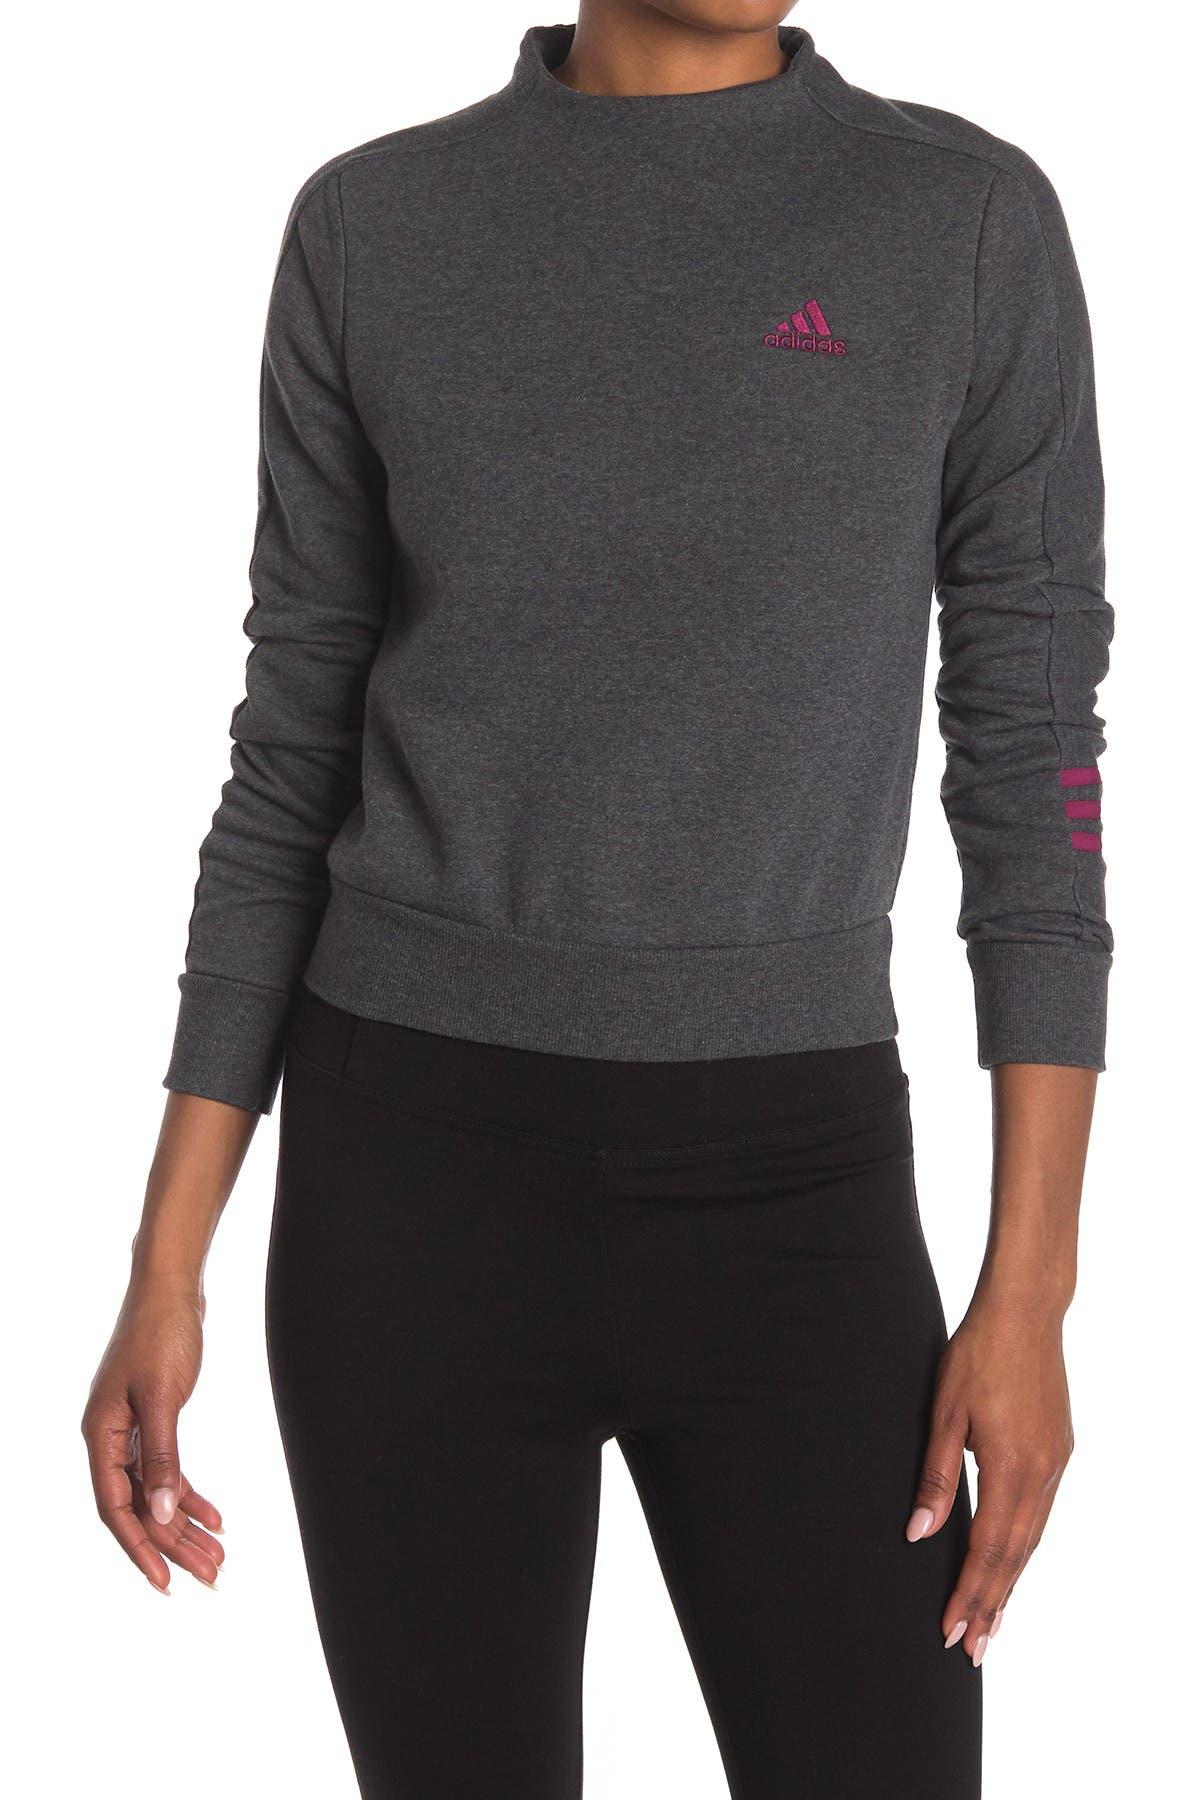 Image of adidas Comfort Fleece Back Zip Sweatshirt